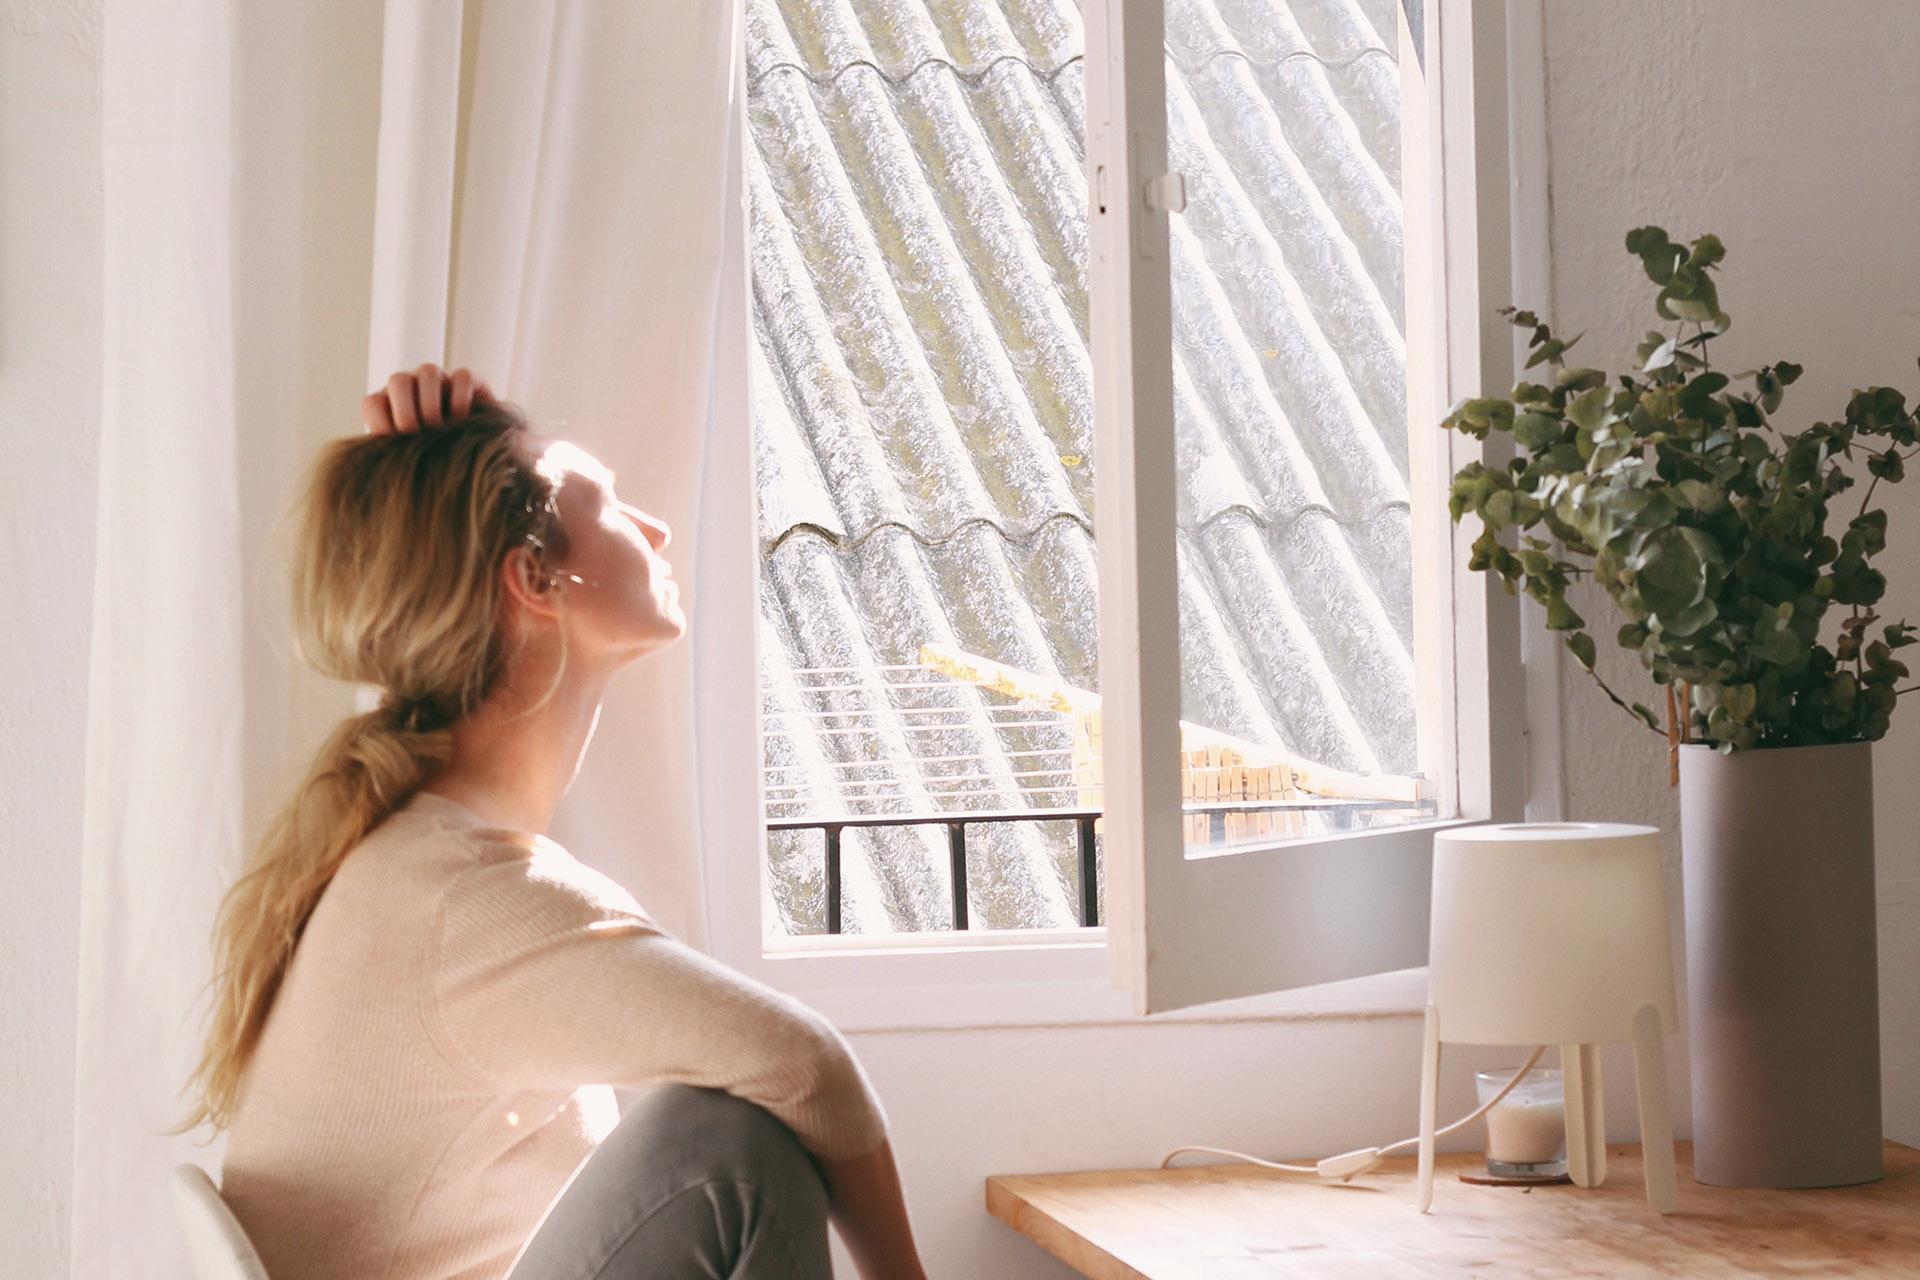 Håll fönster och dörrar stängda under de varmaste timmarna, annars släpper du in den varma luften i lägenheten.